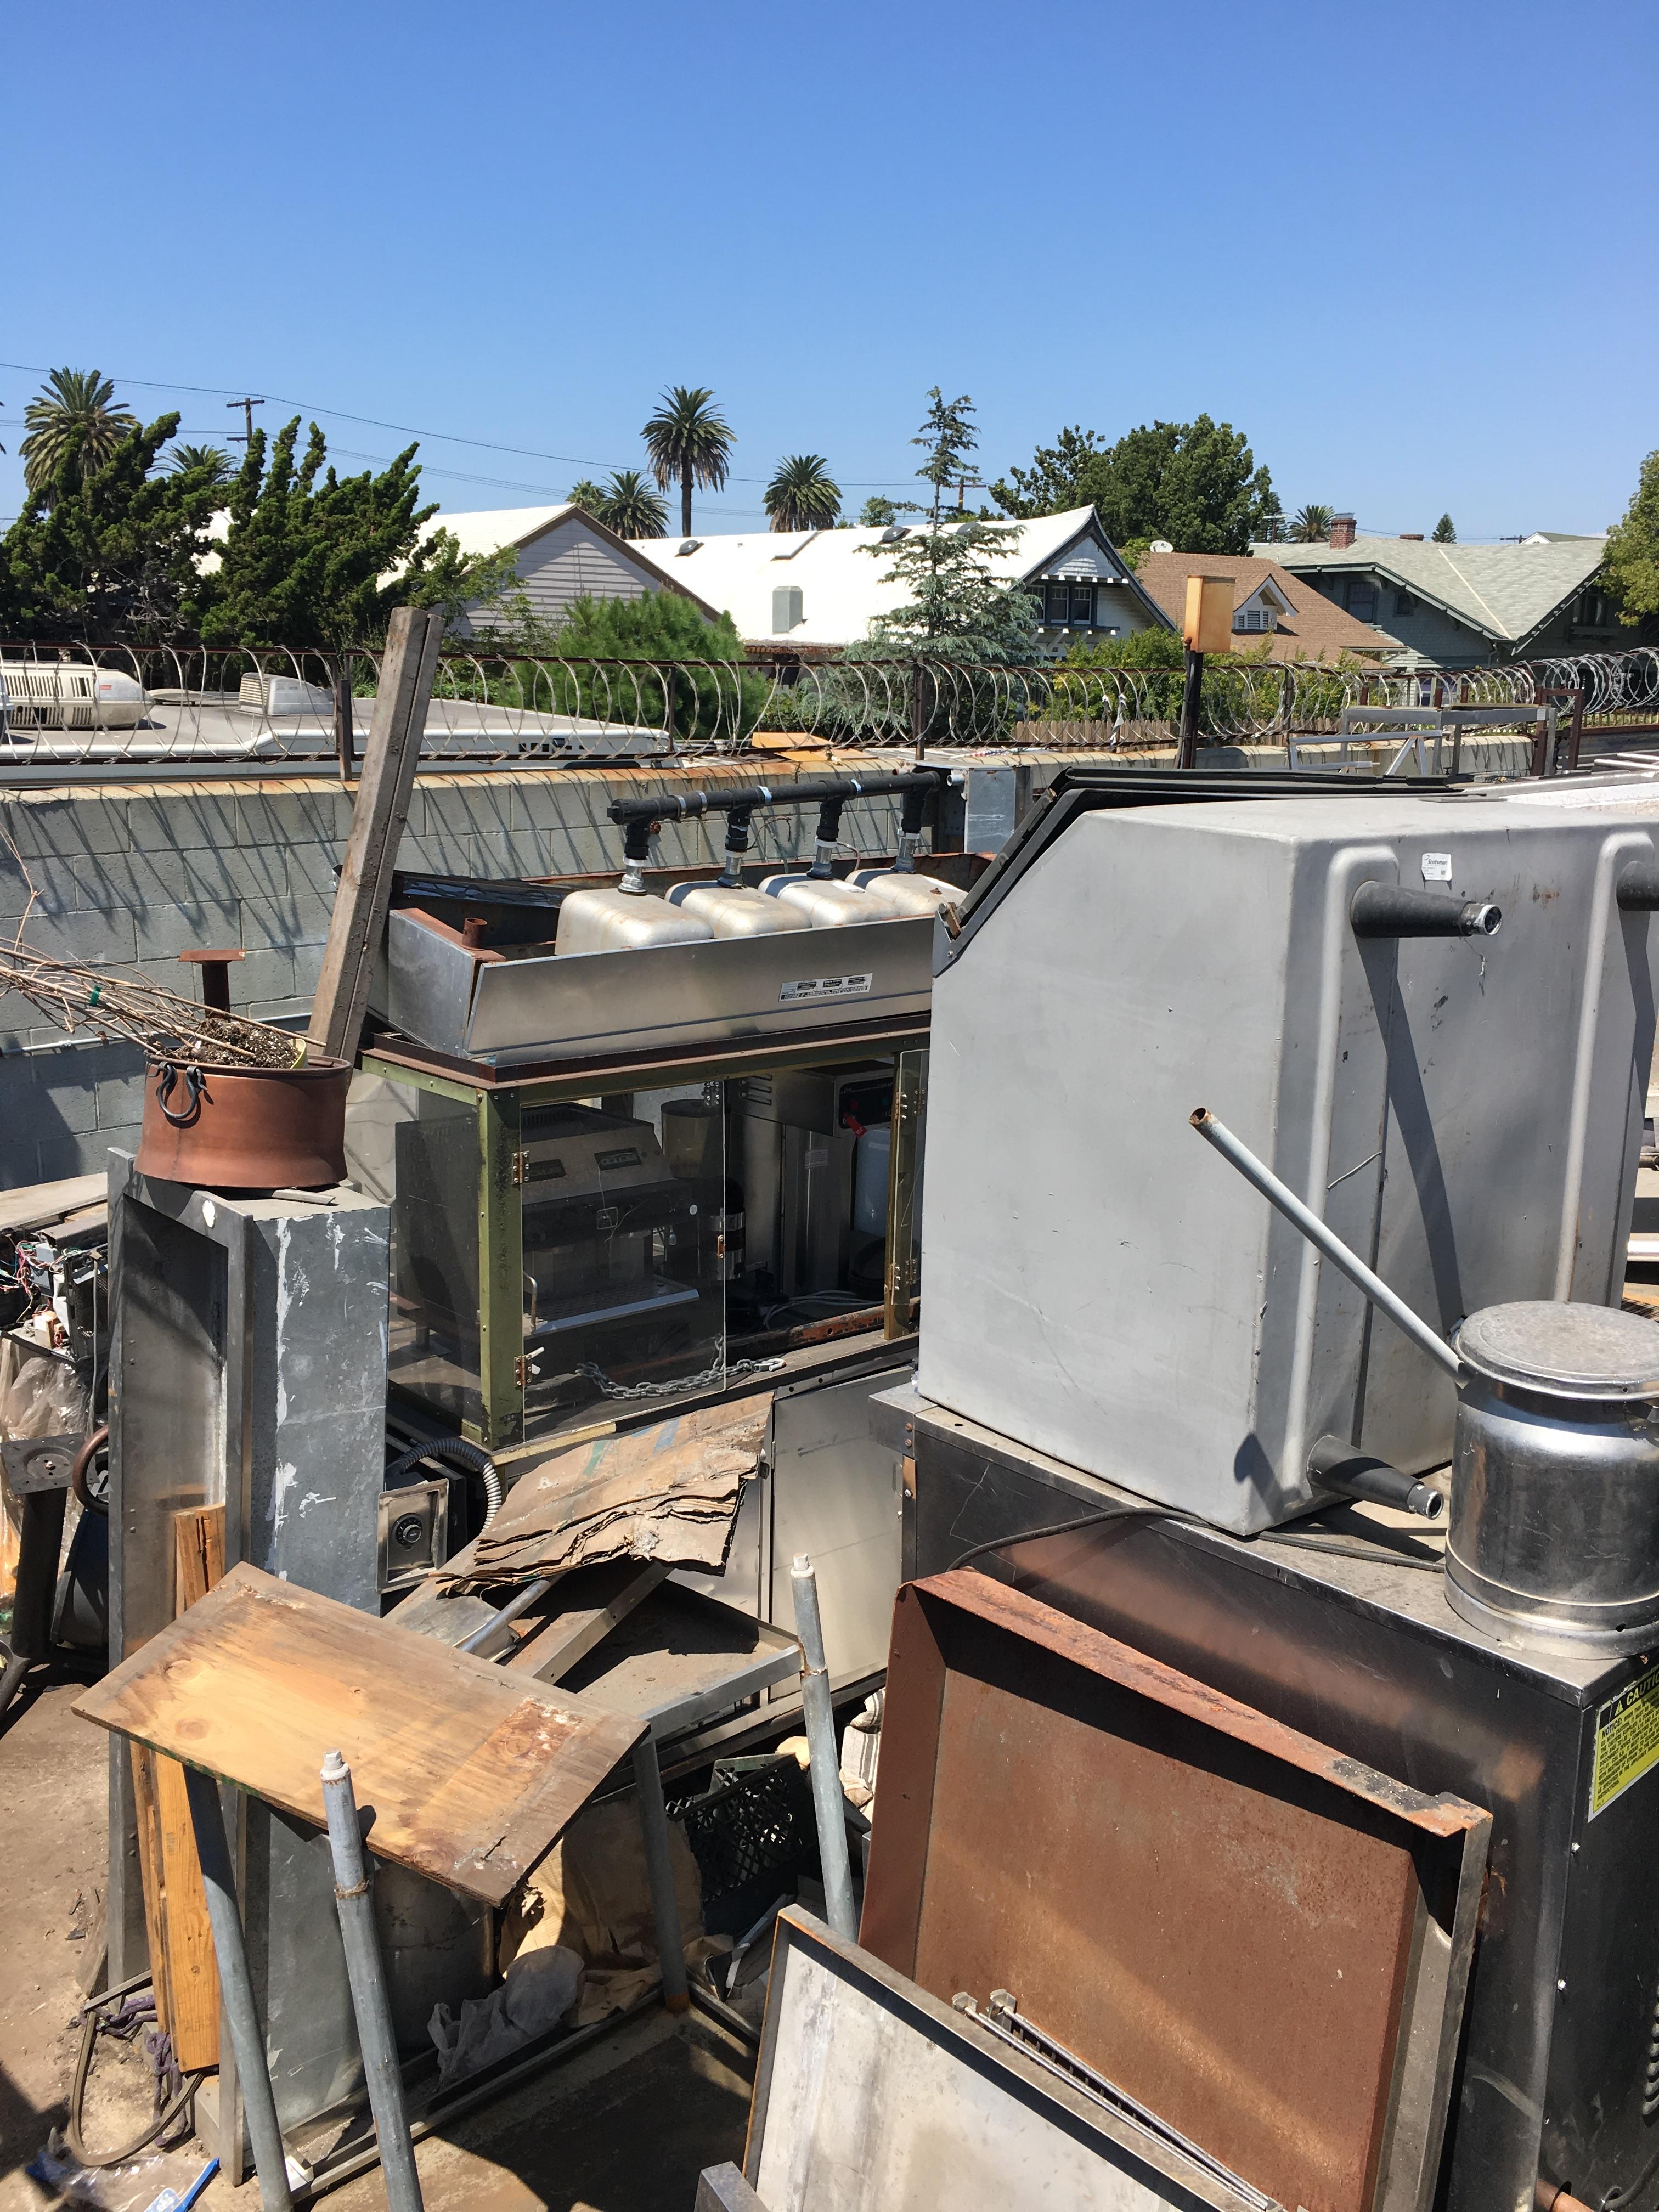 restaurant-equipment-15040826995.jpg